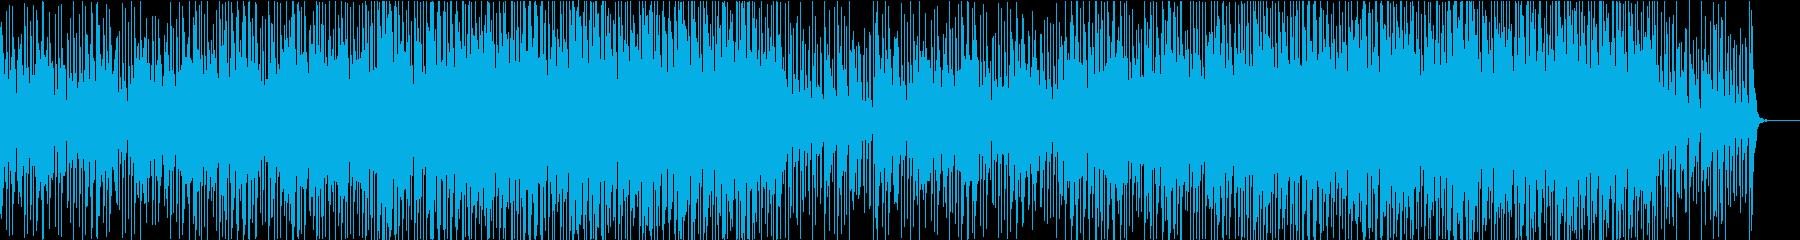 にこにこ ほのぼの かわいいポップの再生済みの波形